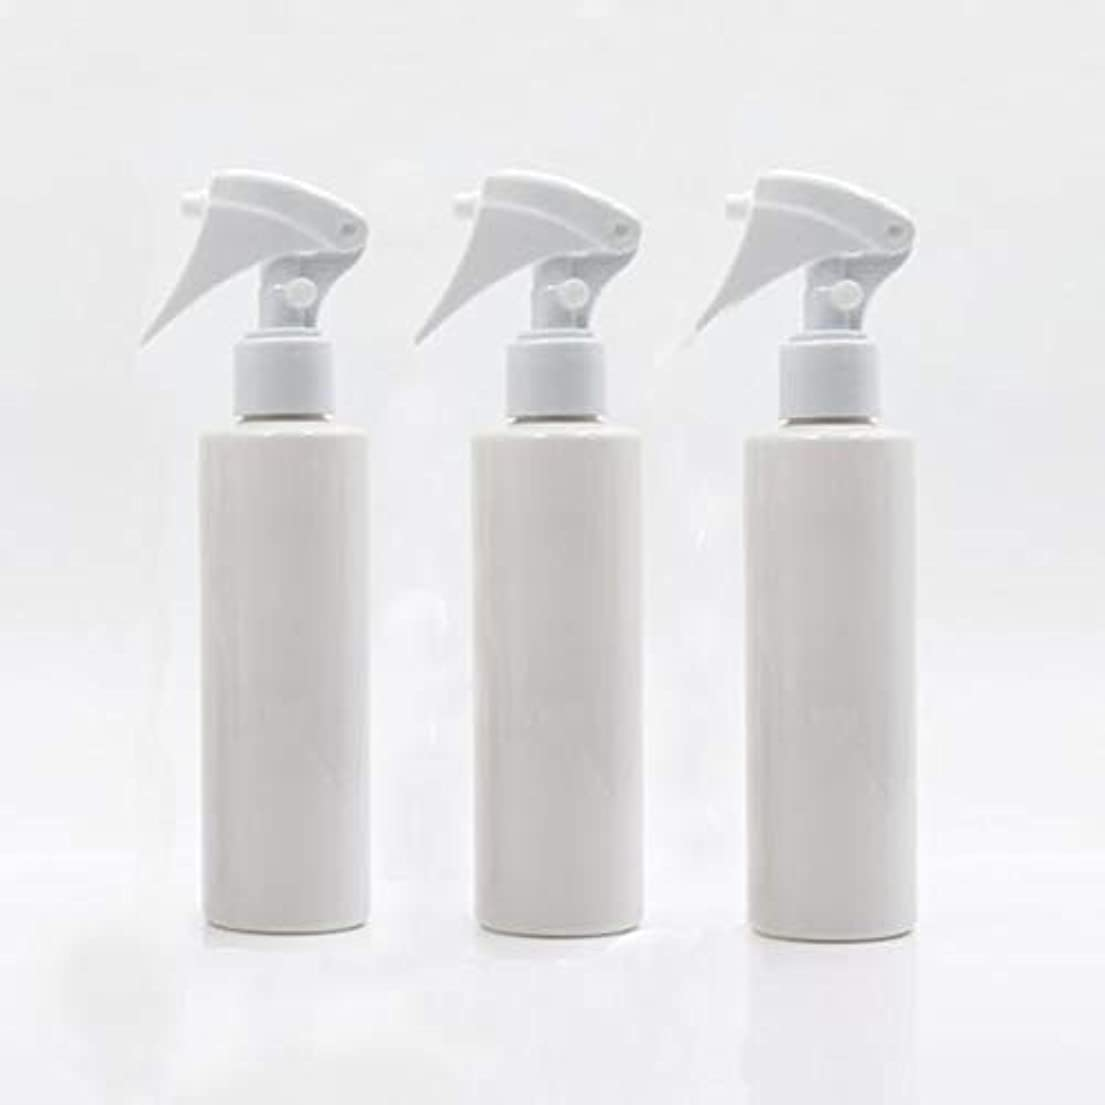 半球何か空虚Homewineasy 極細のミストを噴霧する スプレーボトル 詰め替え容器 200ml 3本セット (ホワイト)